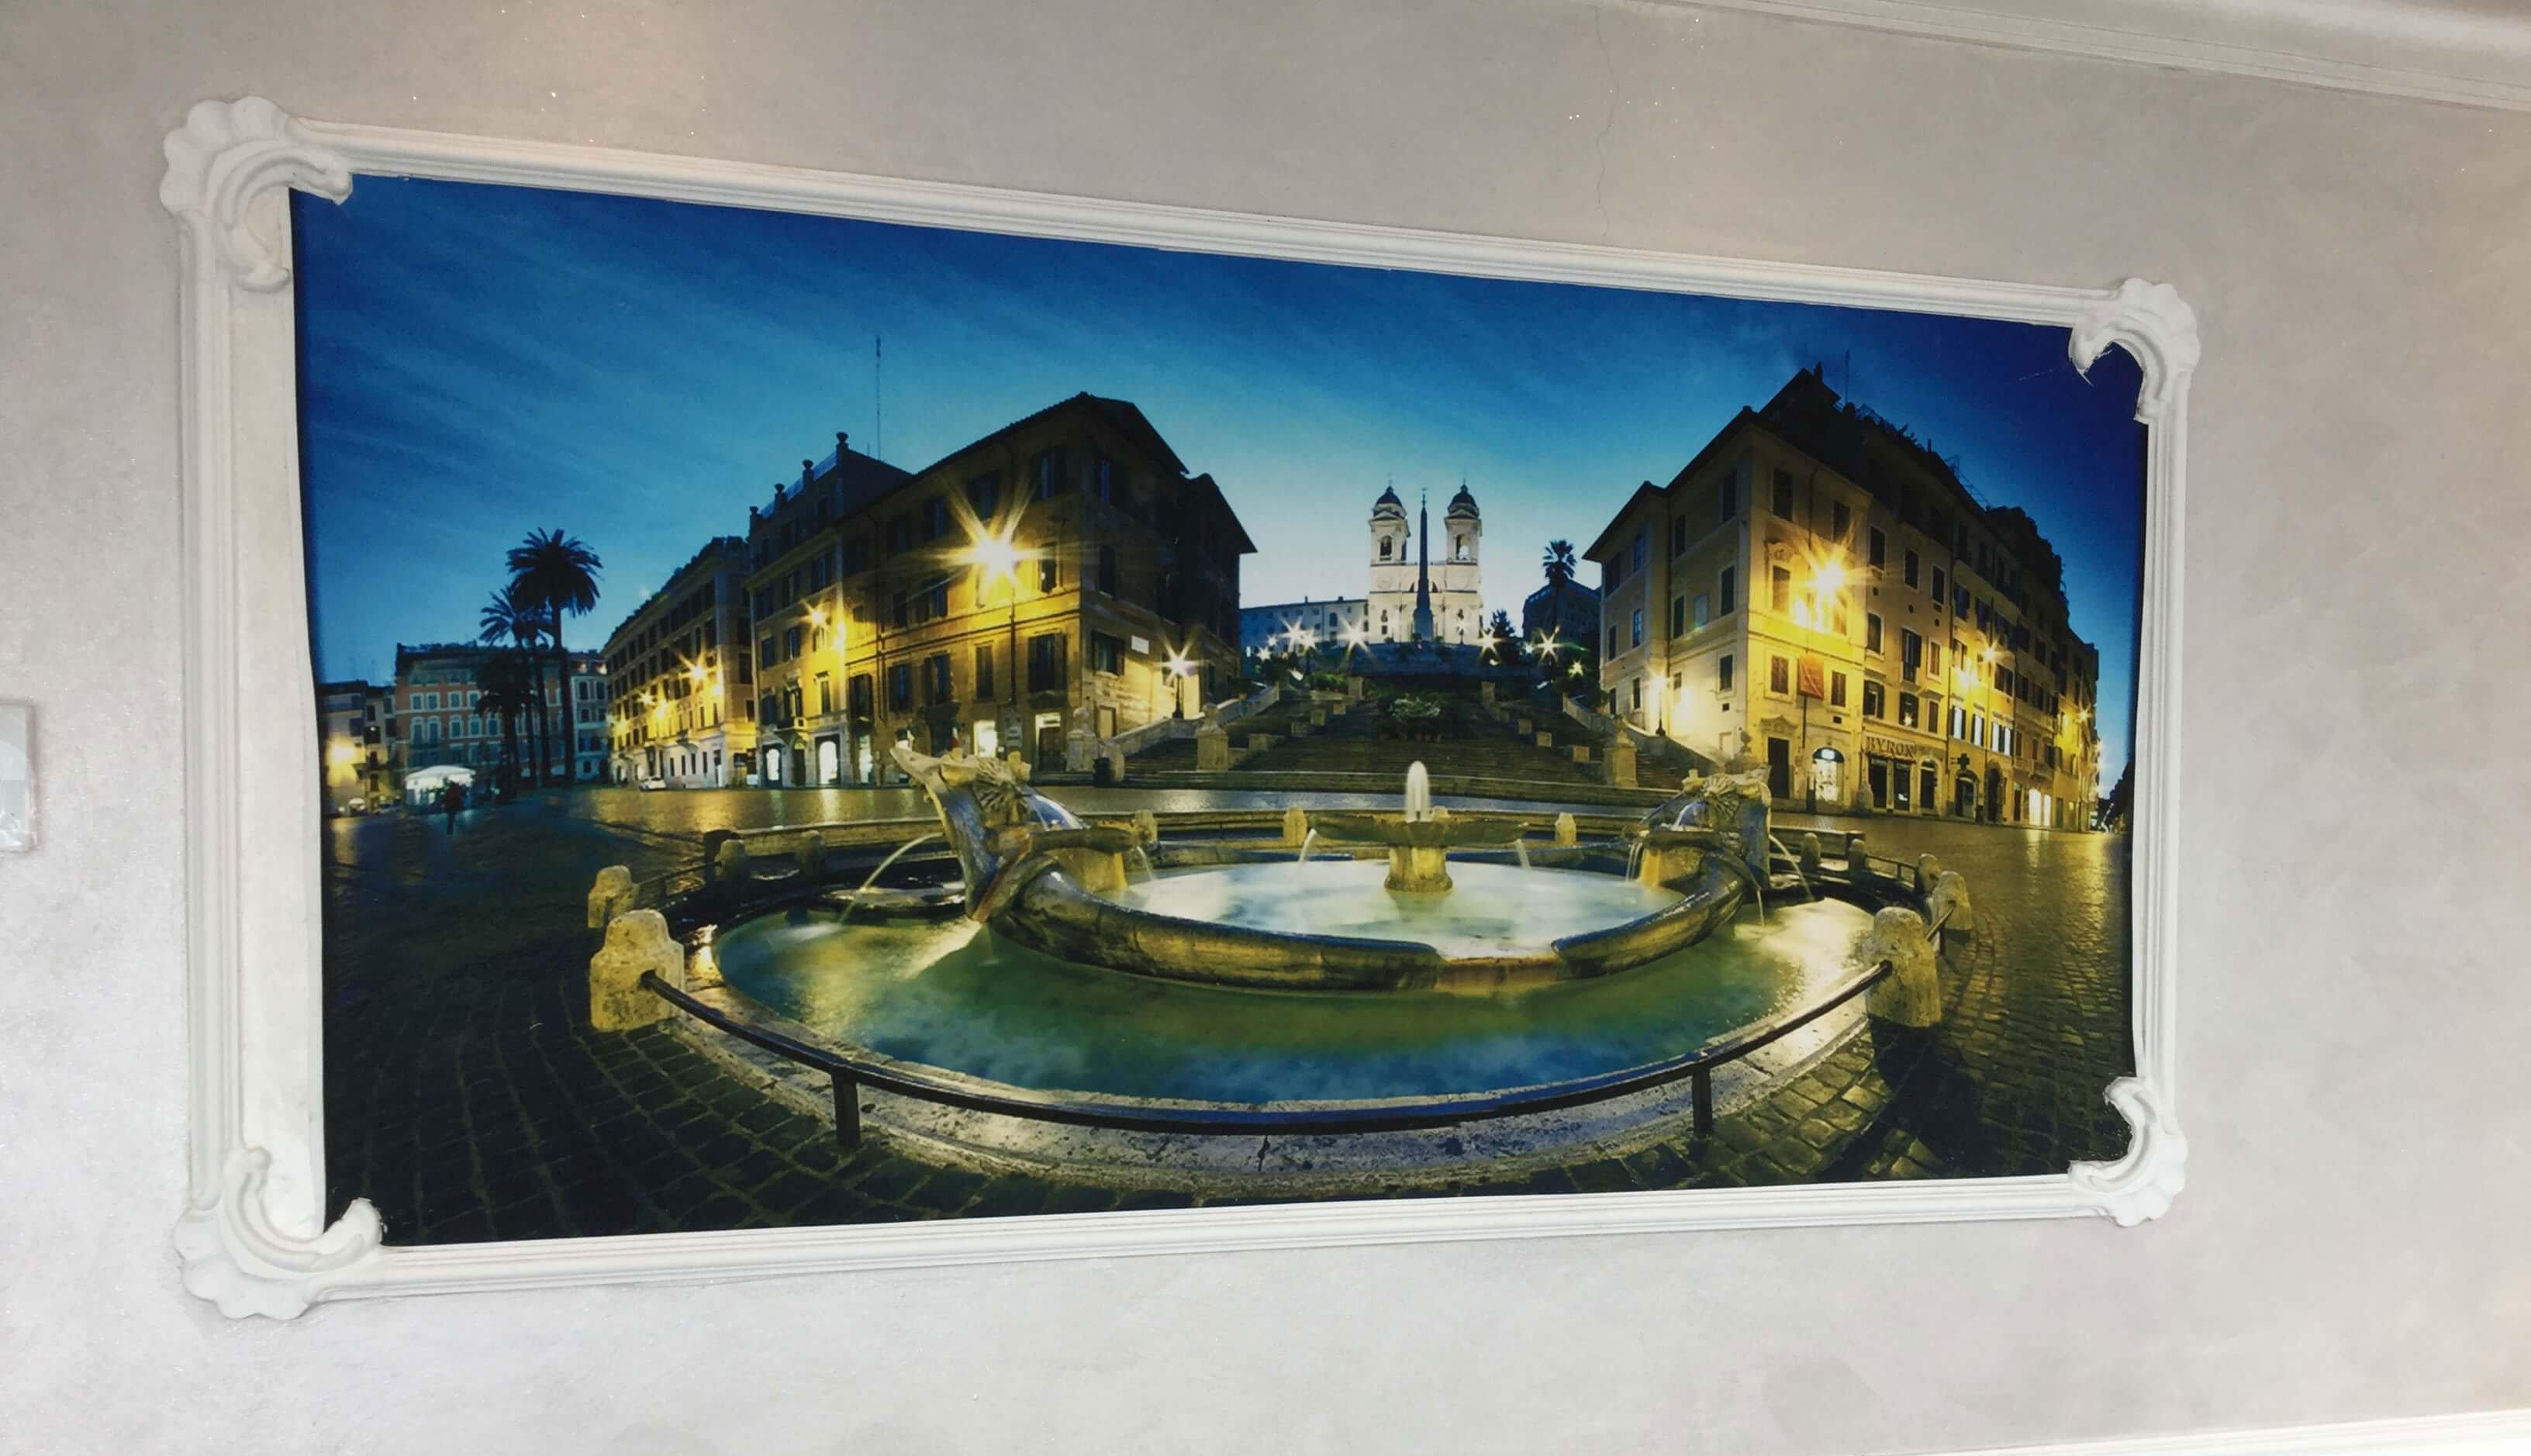 Foto incorniciata di Piazza Navona al Ristorante New Azzurra a Roma